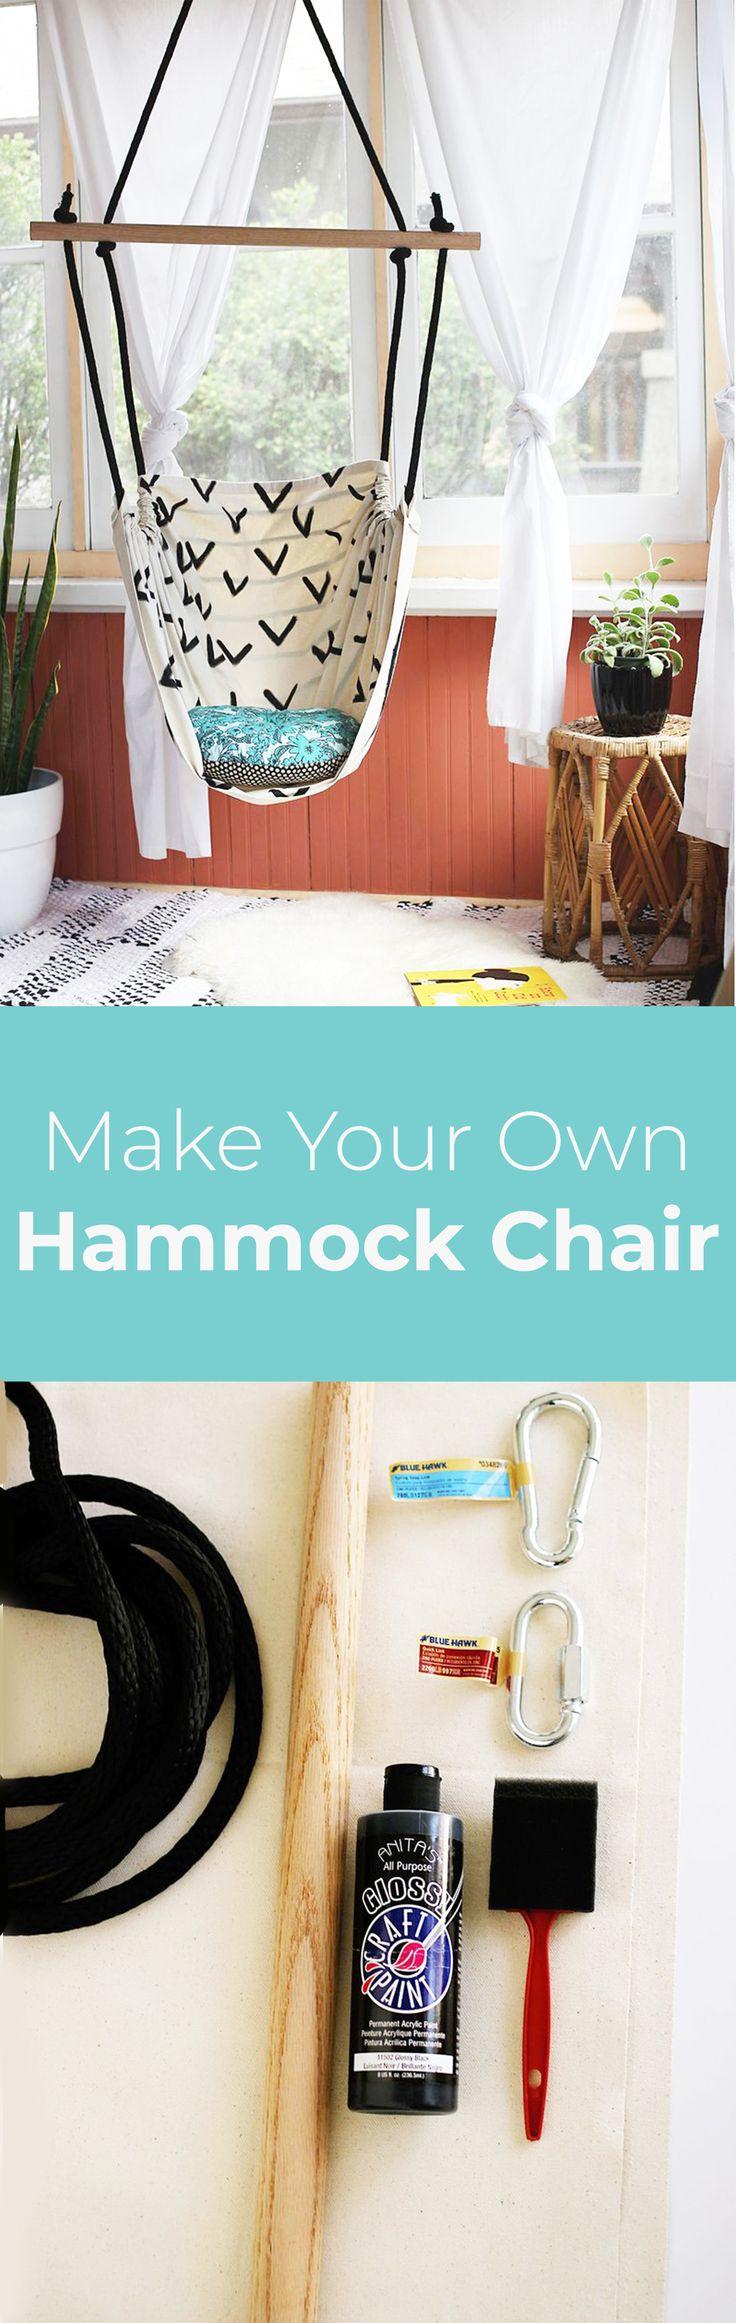 Hammock chair DIY